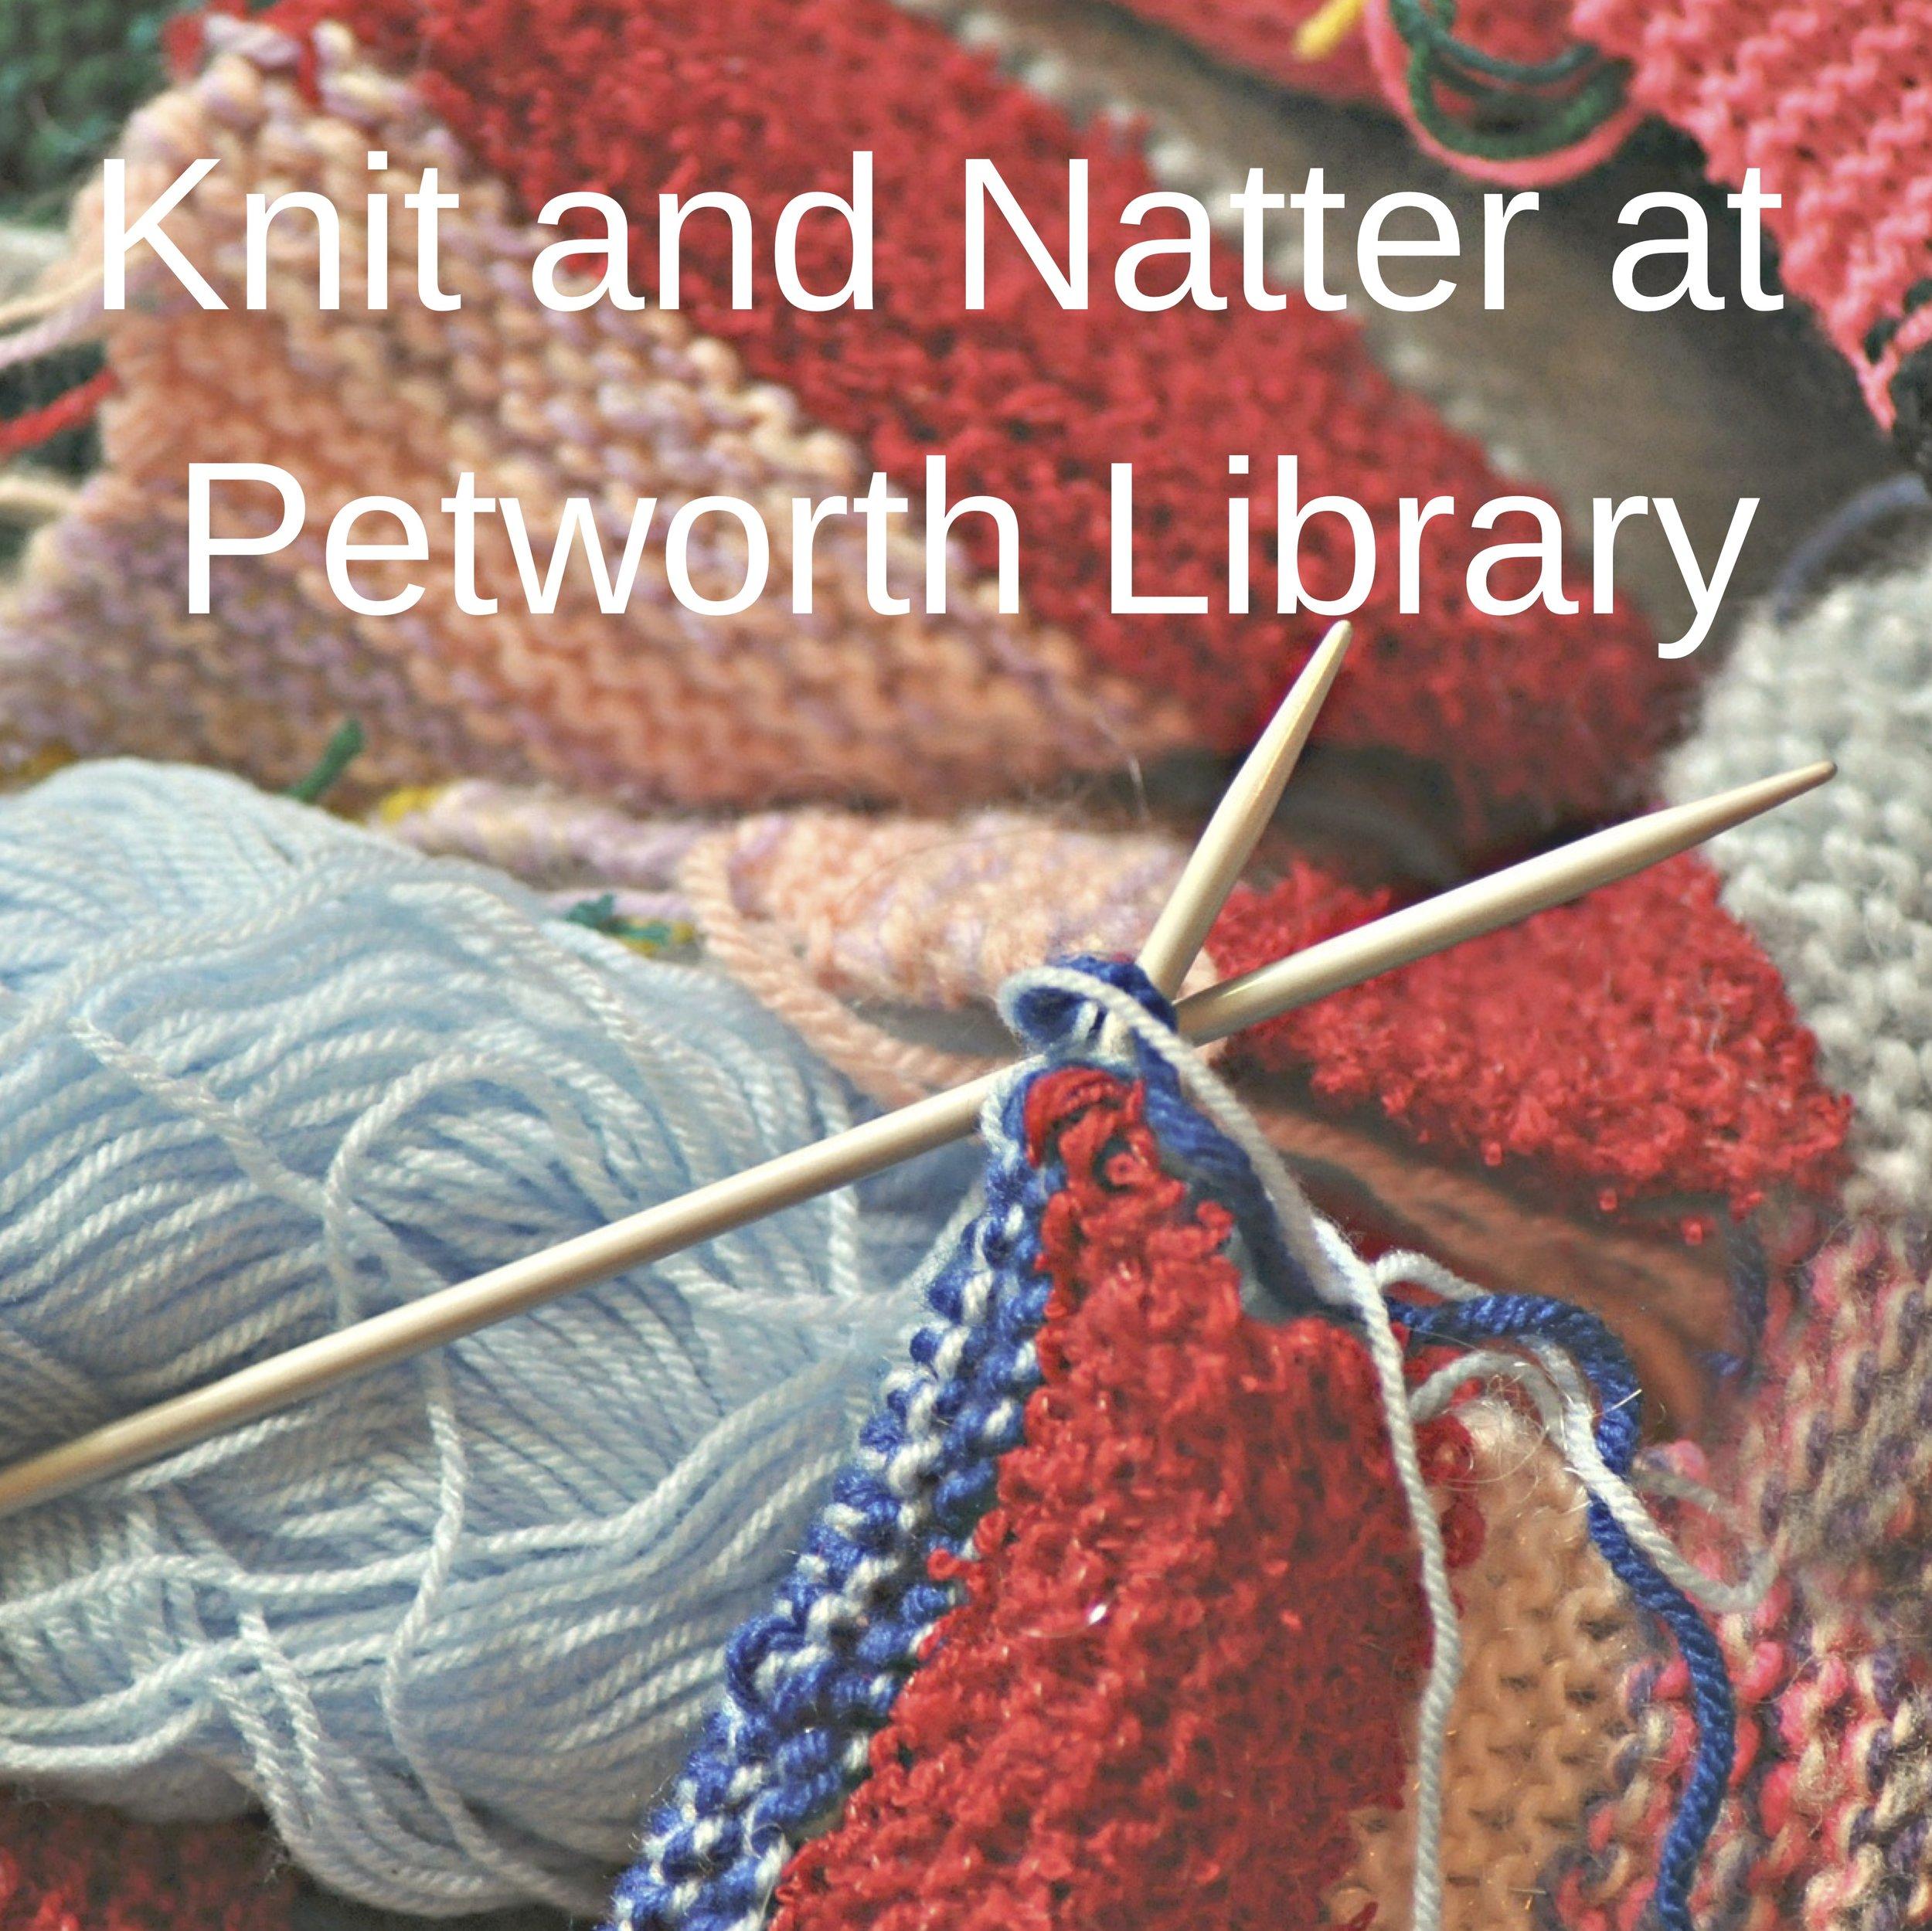 Knit and Natter at Petworth Library.jpg